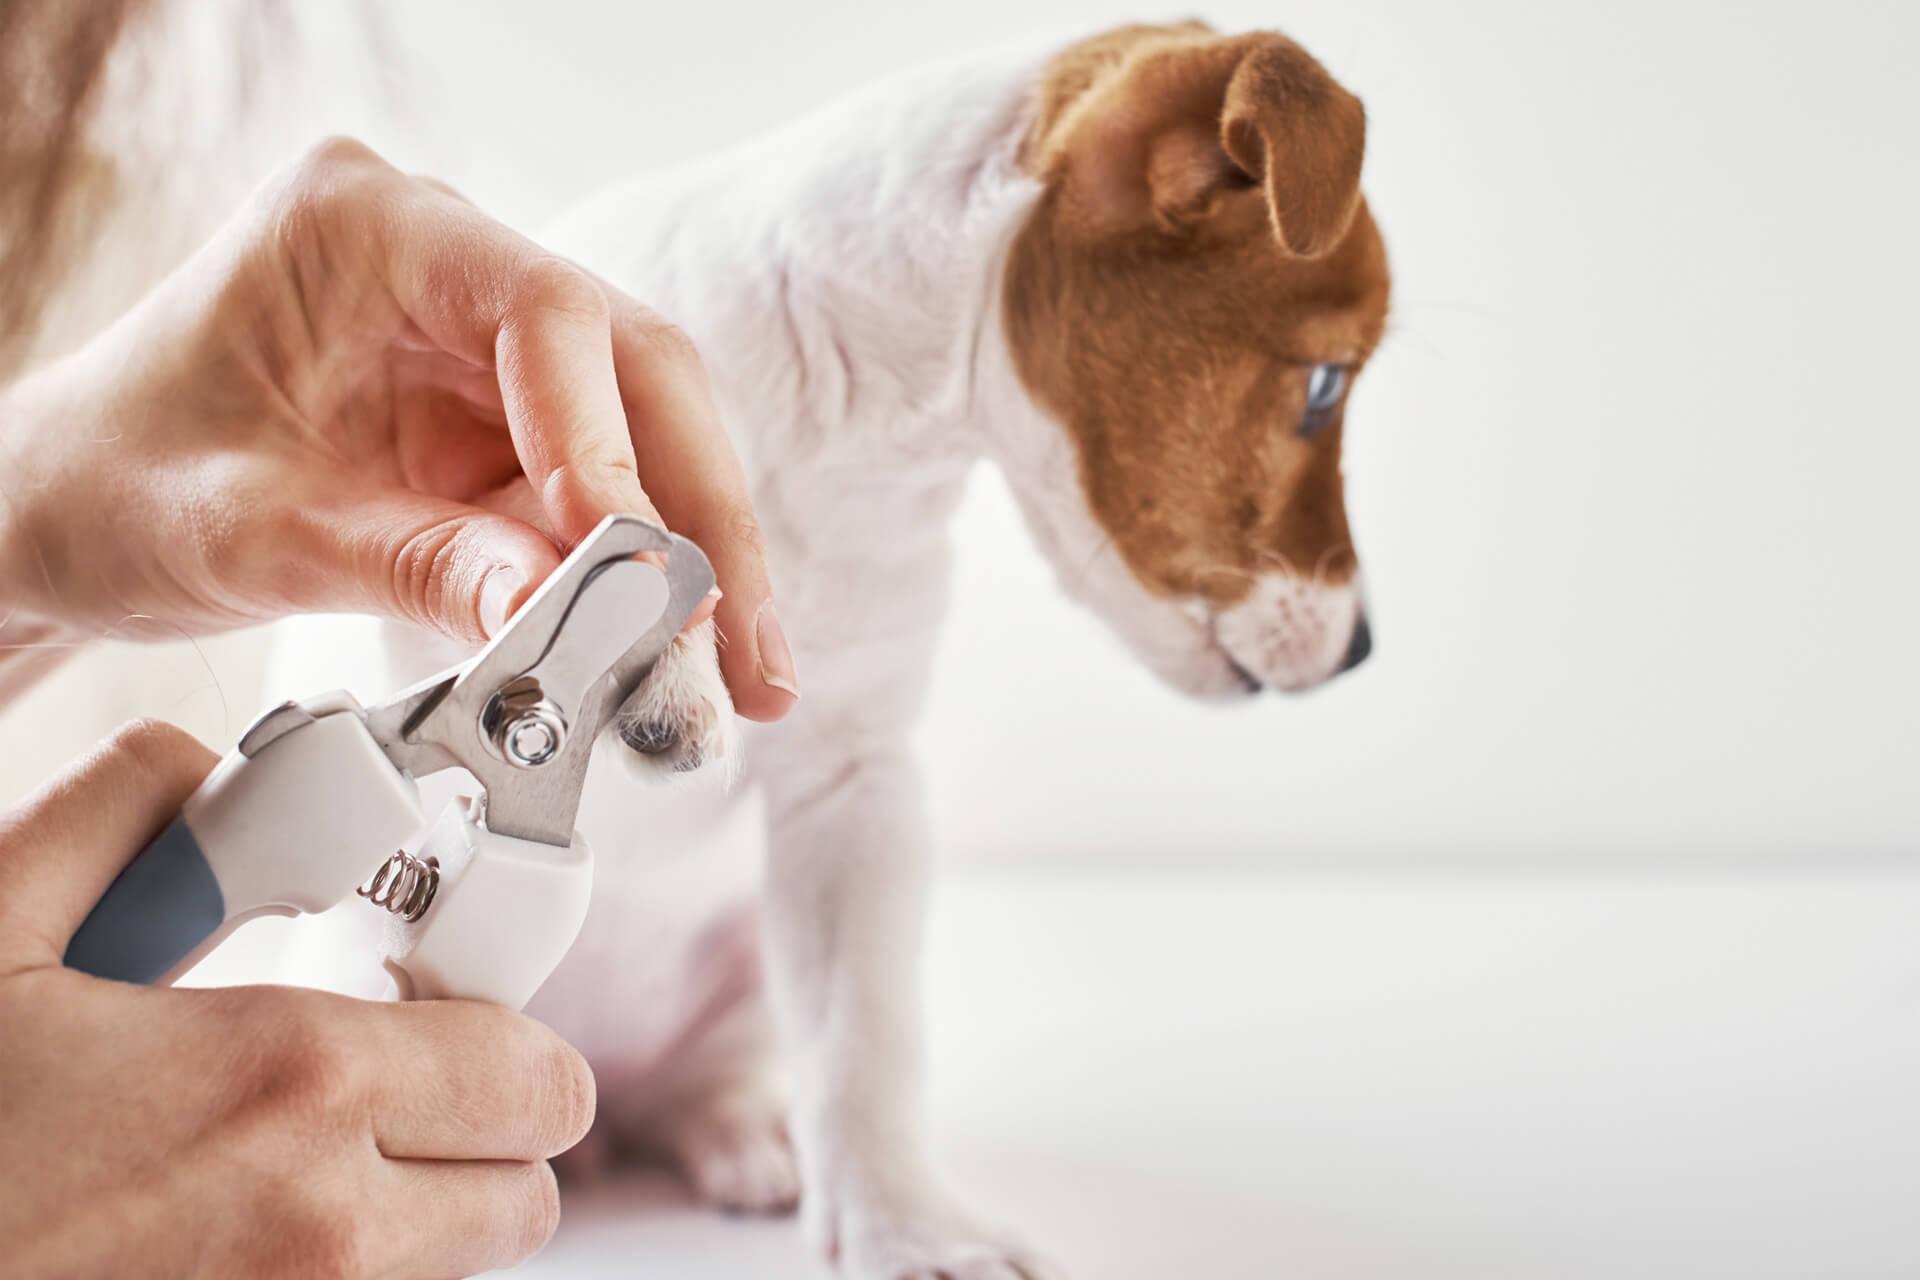 Guida in 4 passi: Come tagliare le unghie al cane